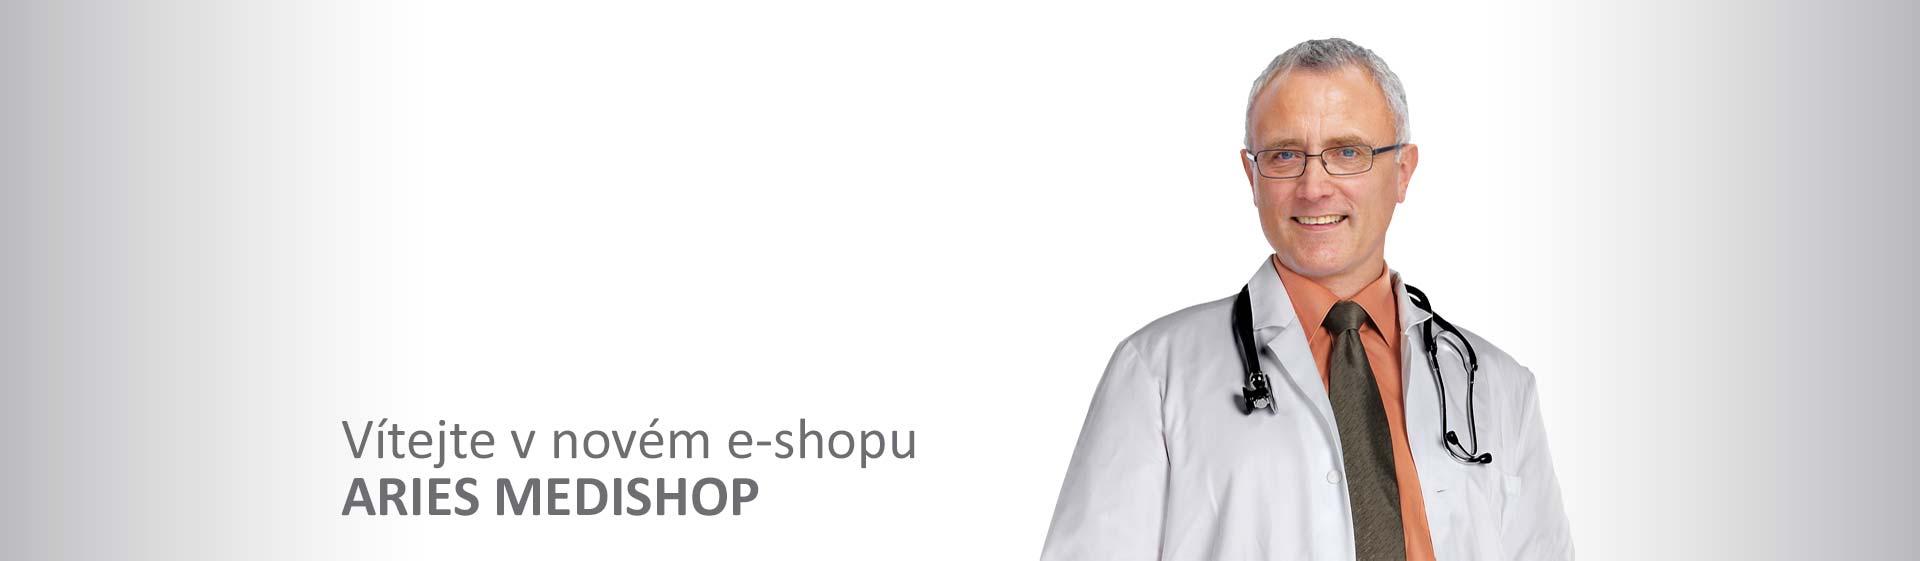 Vítejte v novém e-shopu ARIES MEDISHOP